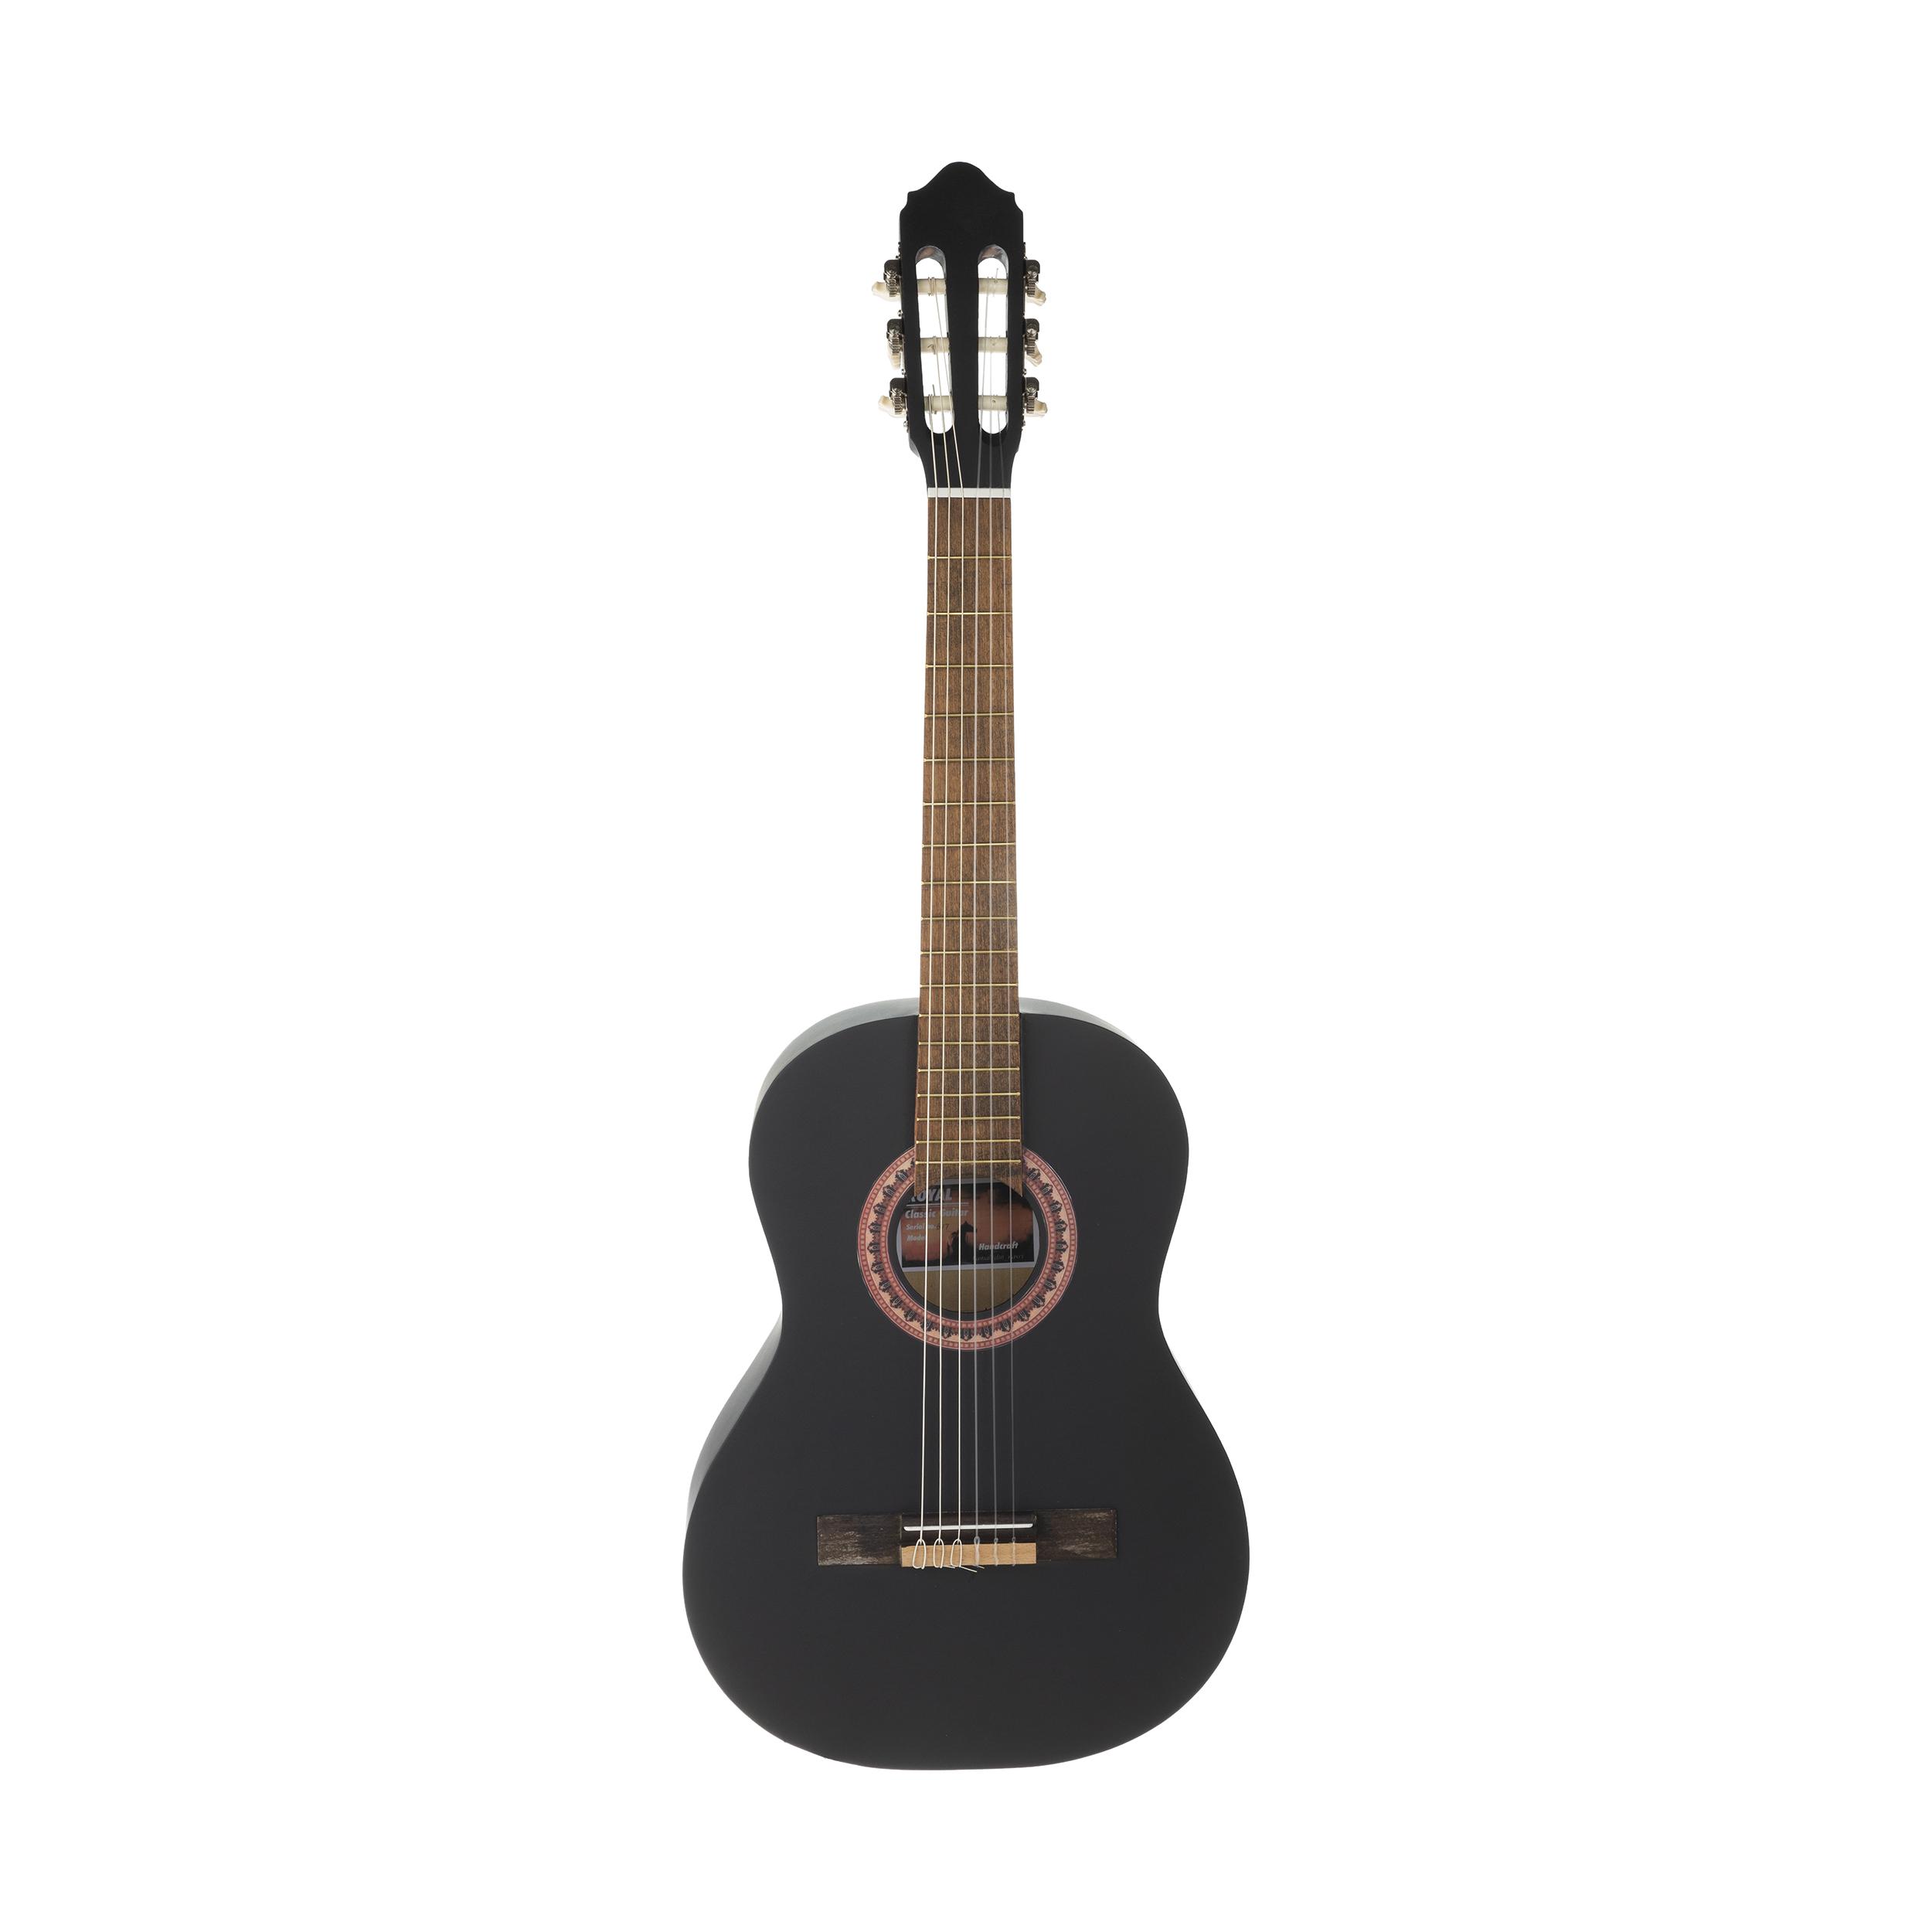 گیتار کلاسیک رویال کد 02